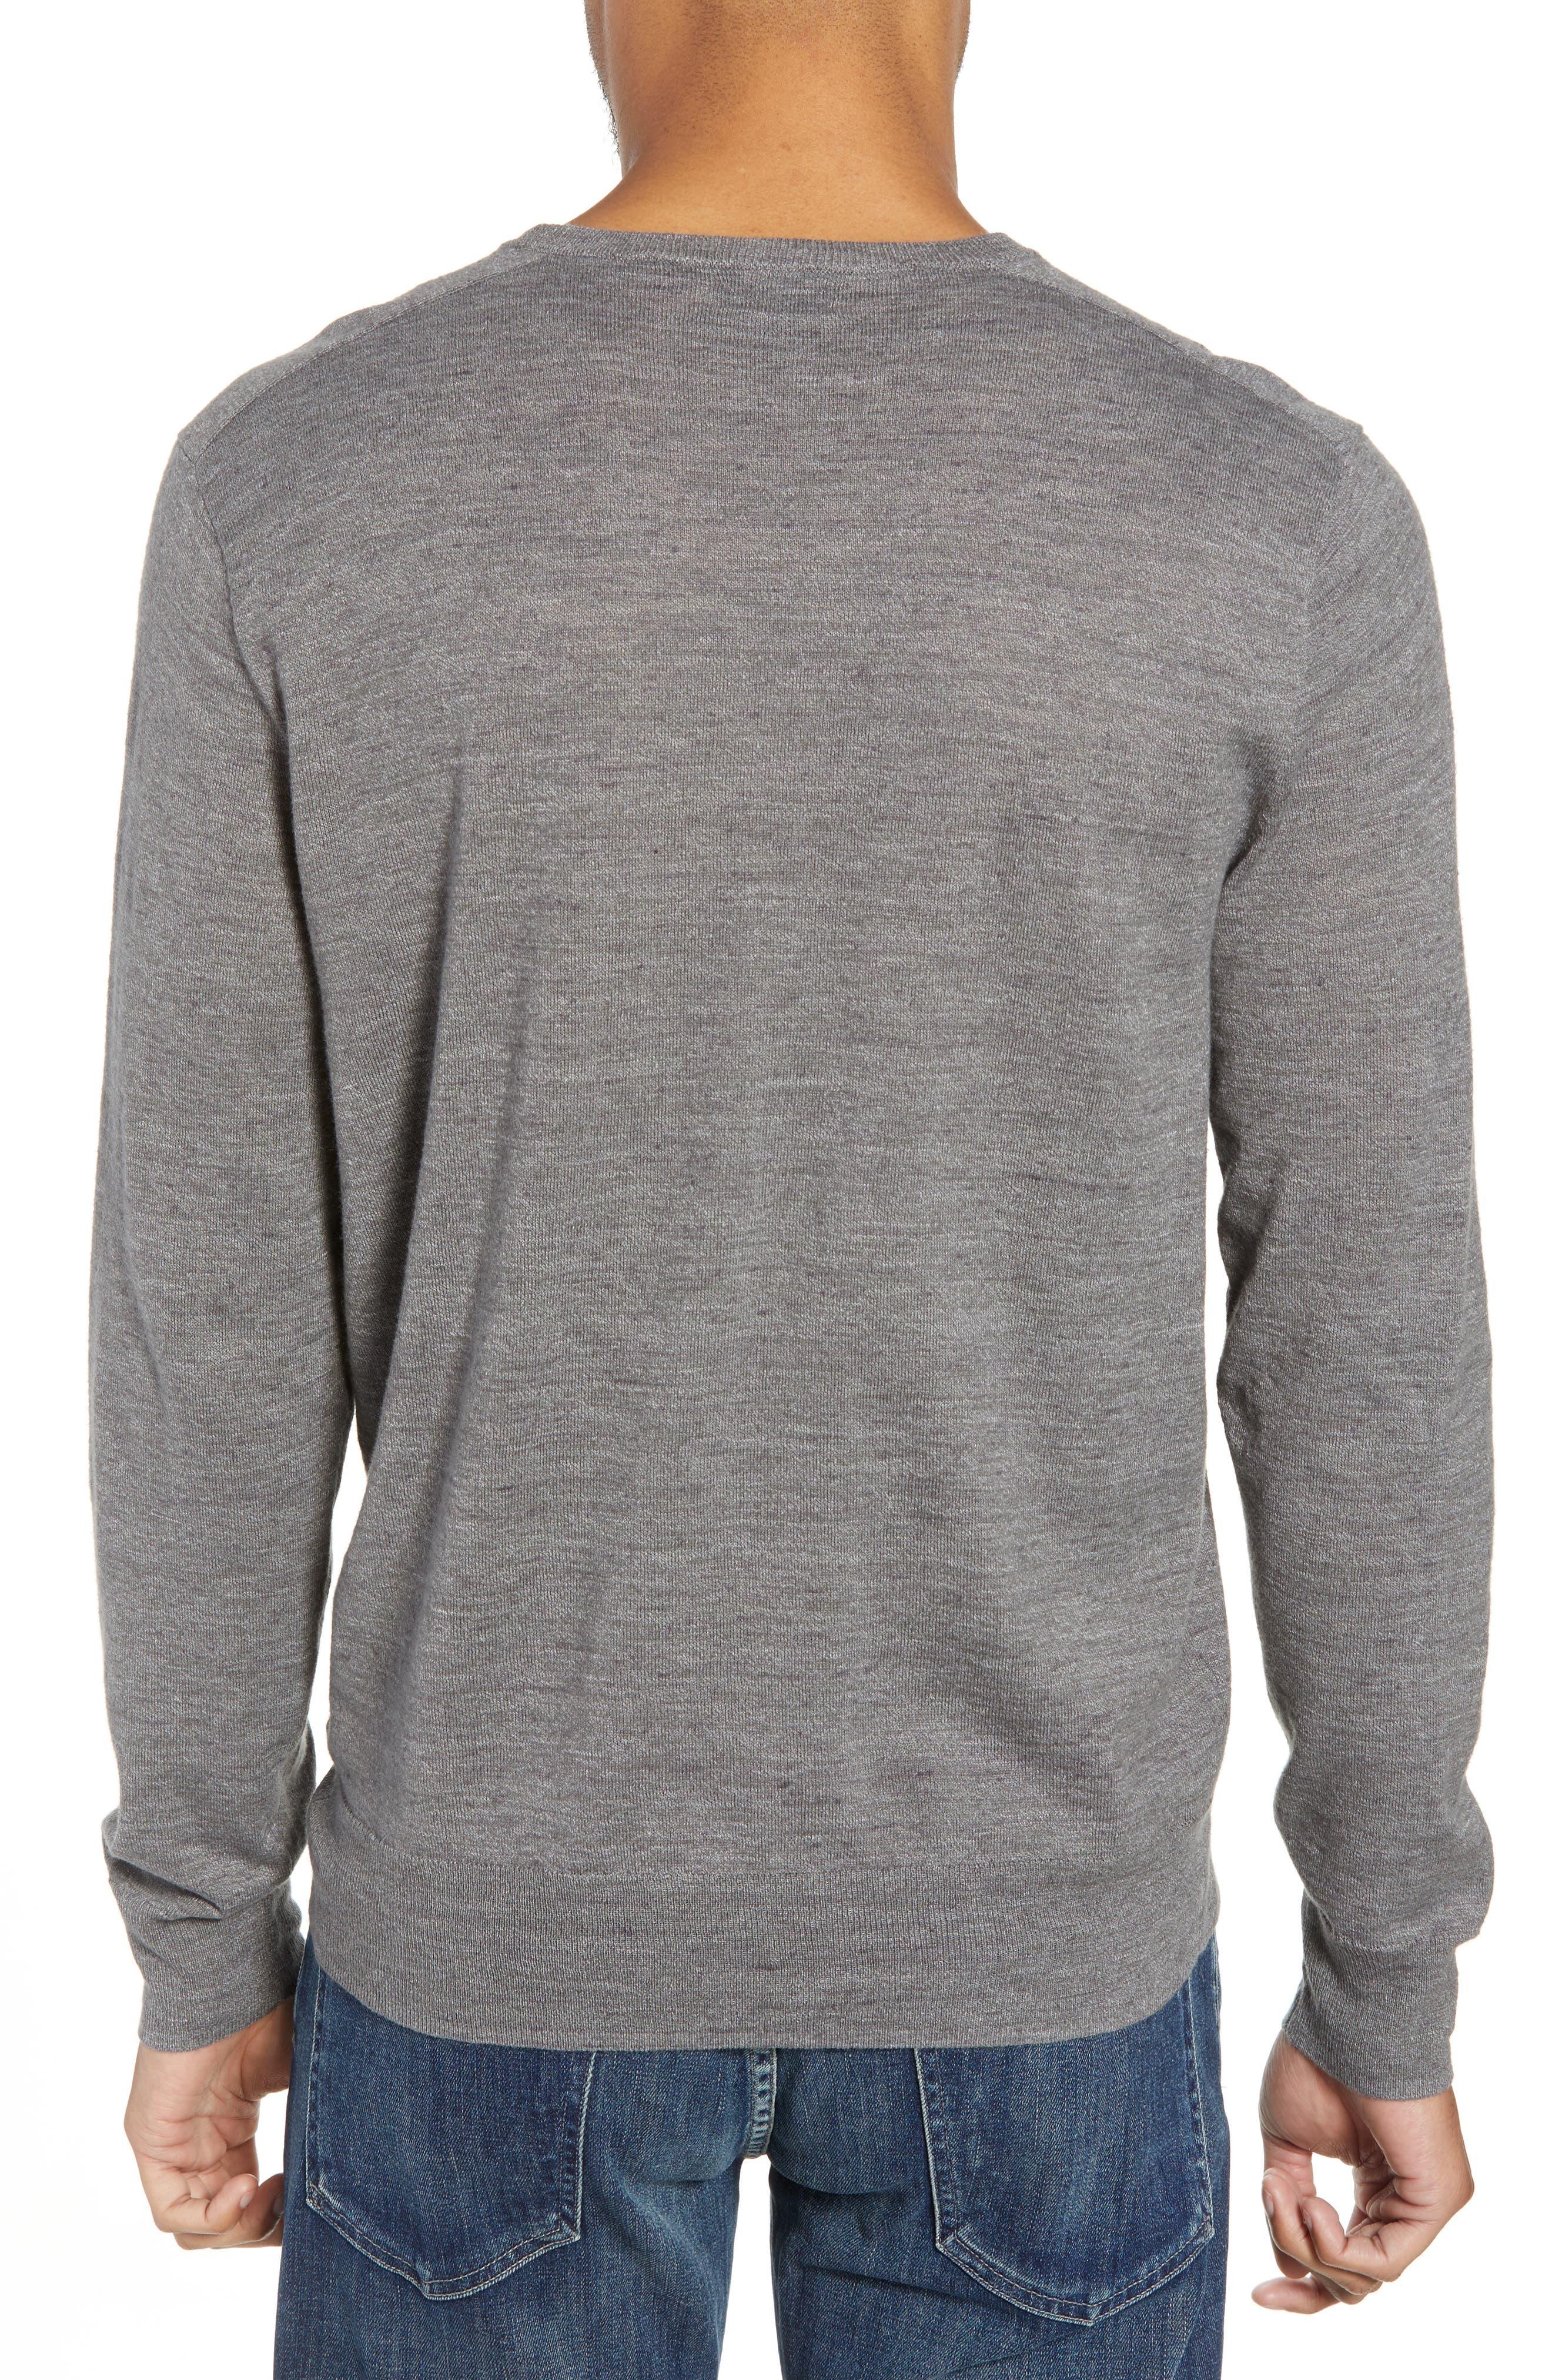 Cotton Blend Crewneck Sweater,                             Alternate thumbnail 2, color,                             022